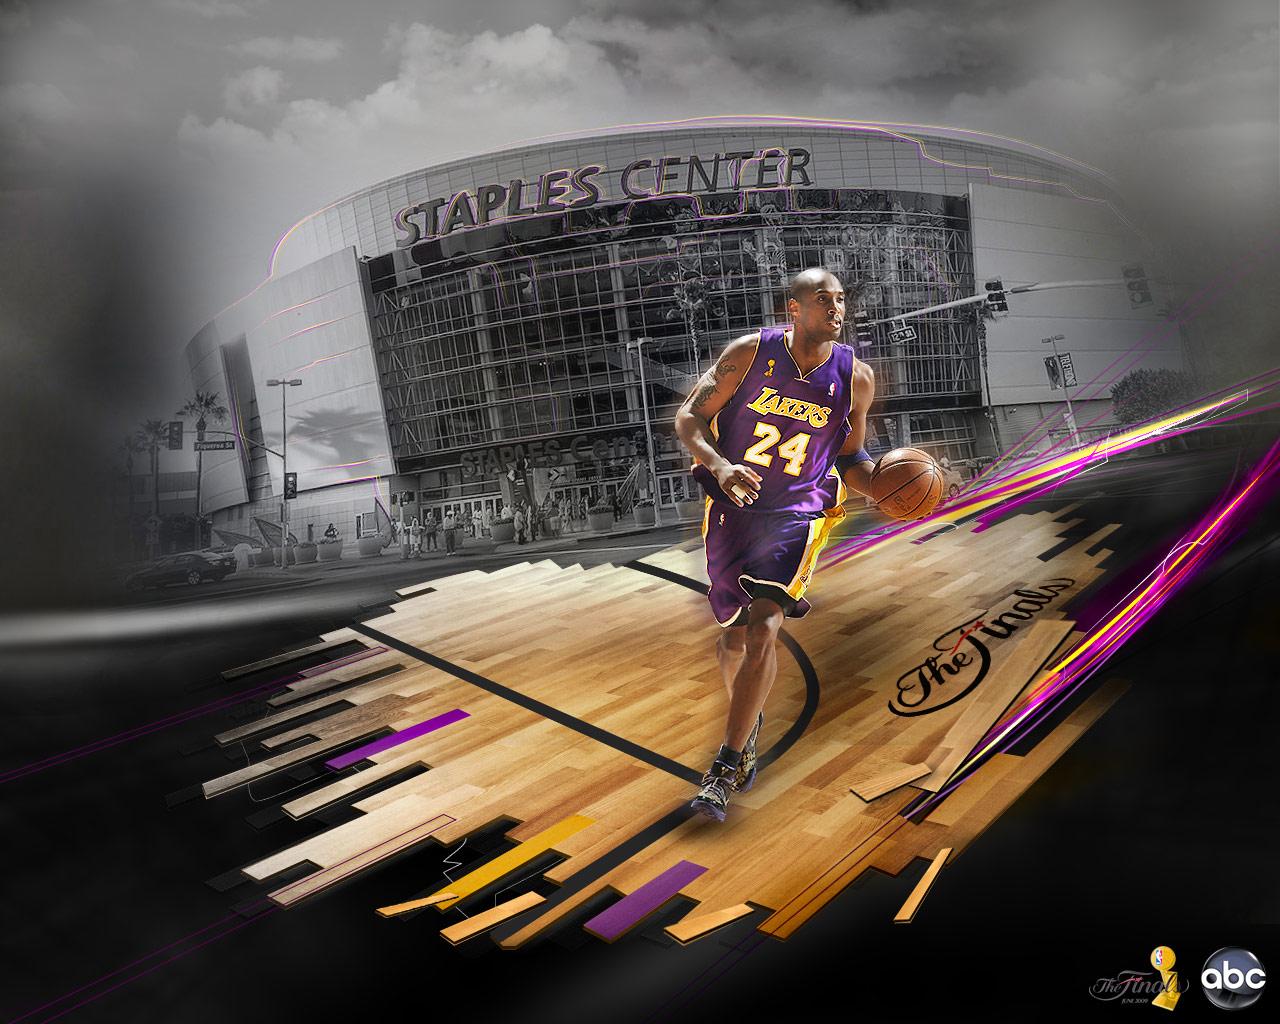 http://1.bp.blogspot.com/_FUqunw1CcGY/TGaCCYwD4GI/AAAAAAAAAQM/tuZ9ZCXErbE/s1600/Kobe-Bryant-Staples-Center-Wallpaper.jpg